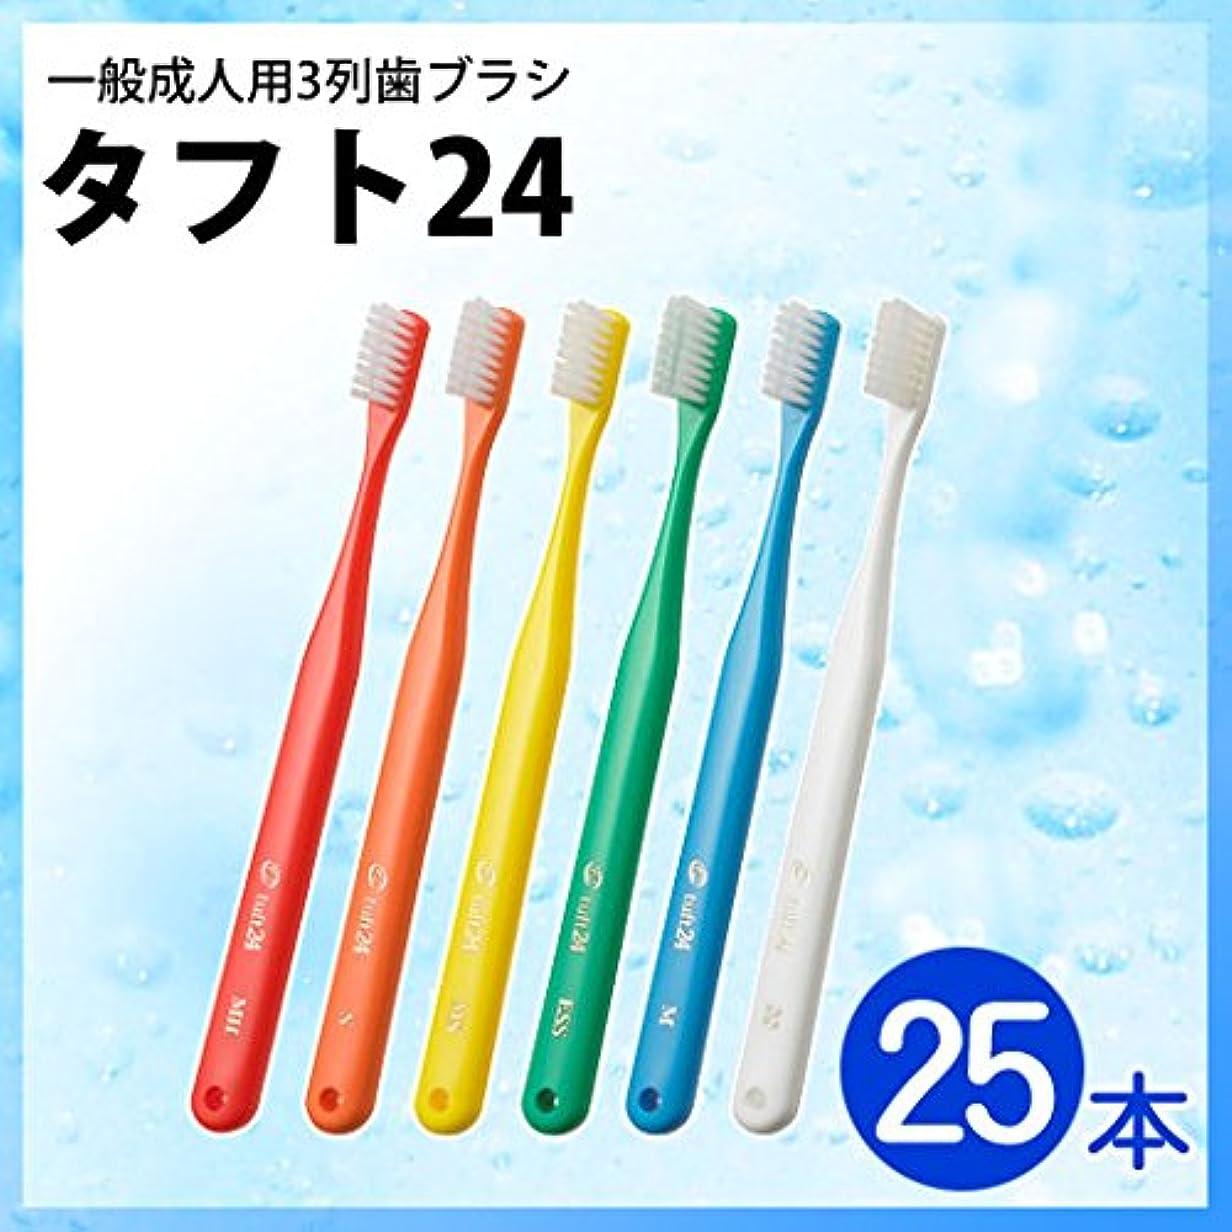 回転するリンス考案するタフト24 【歯ブラシ/タフト】25本セットオーラルケア タフト24 一般成人用 3列歯ブラシ MS(ミディアムソフト) グリーン